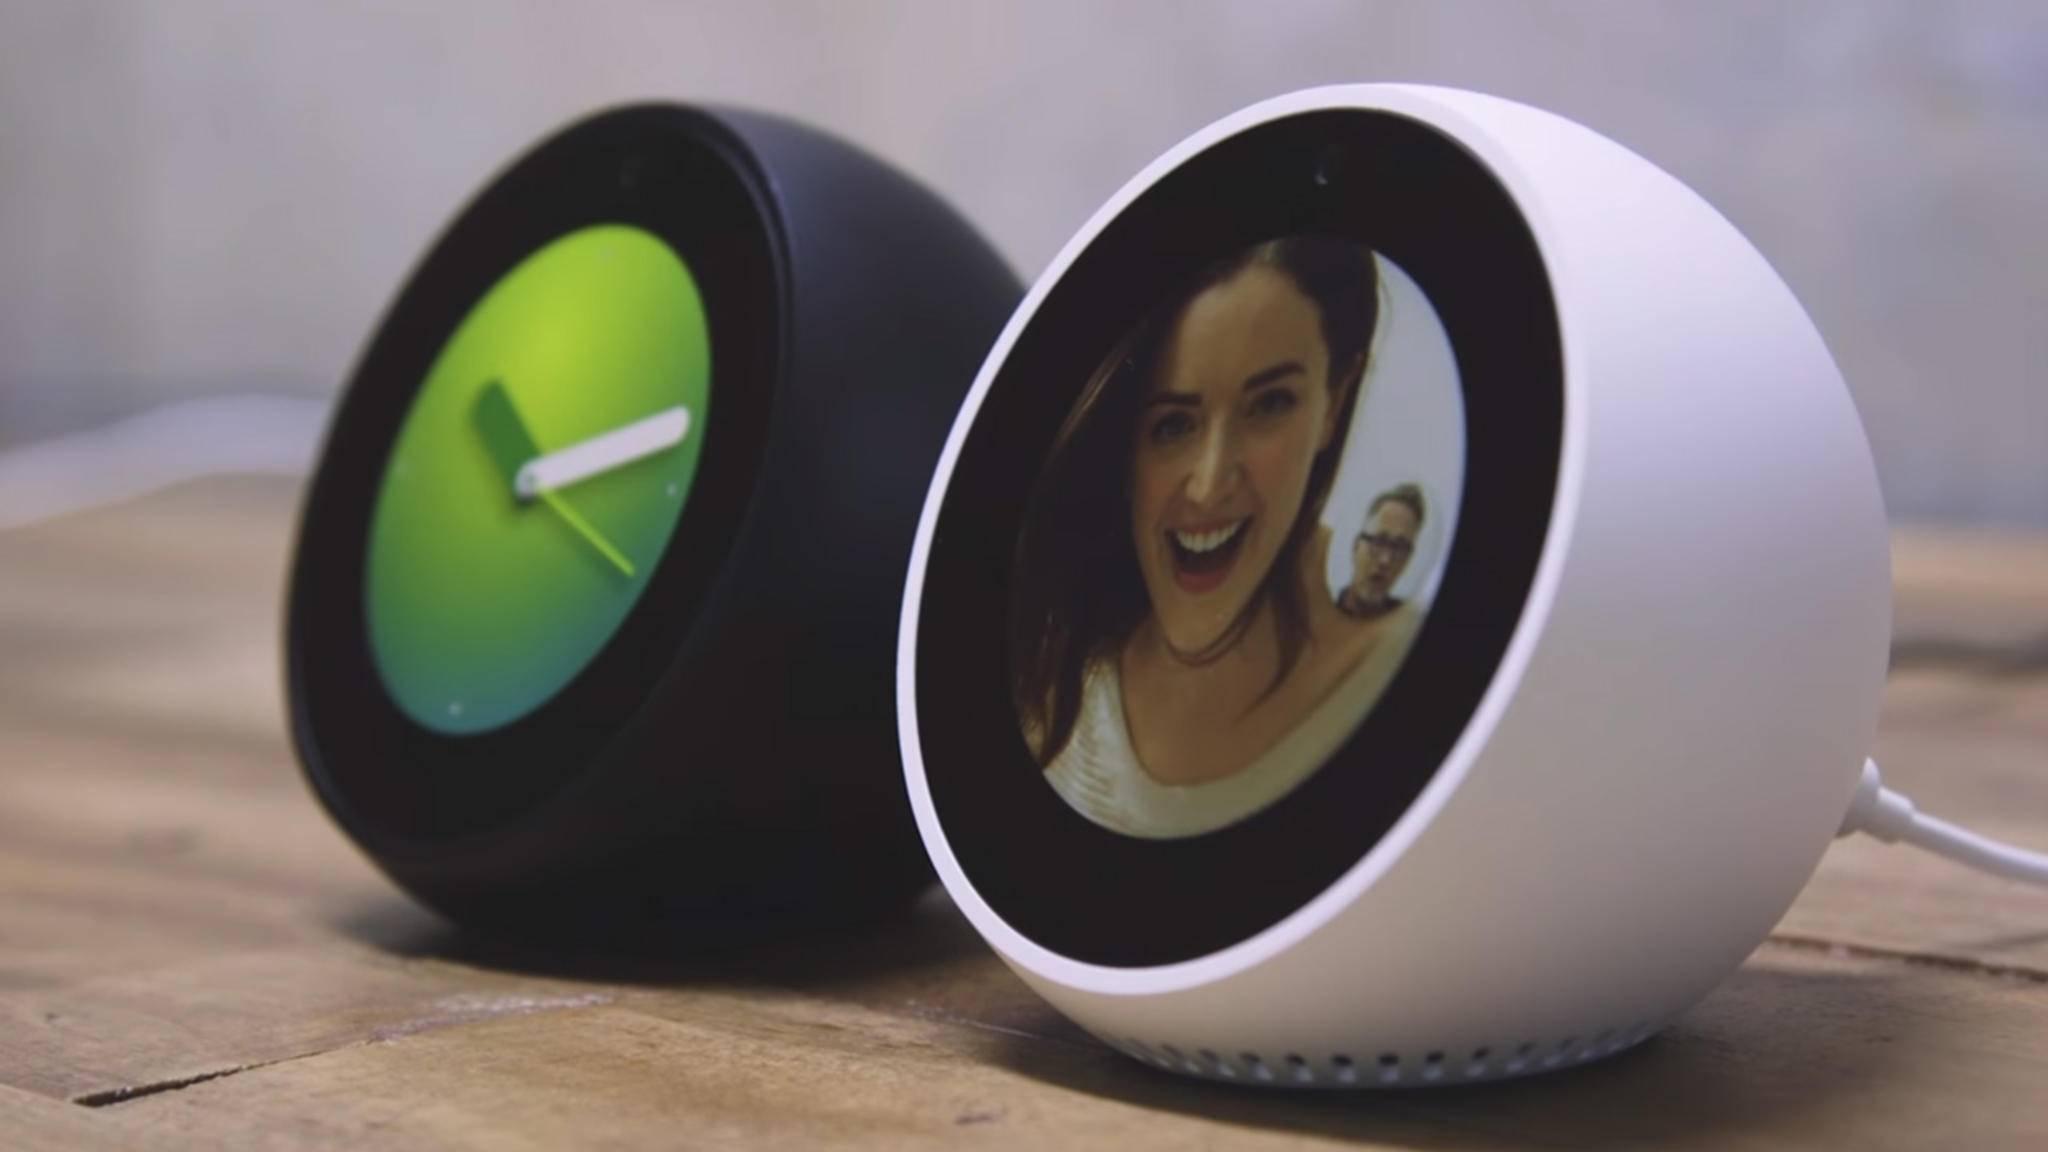 Der Amazon Echo Spot erinnert optisch an einen Wecker.